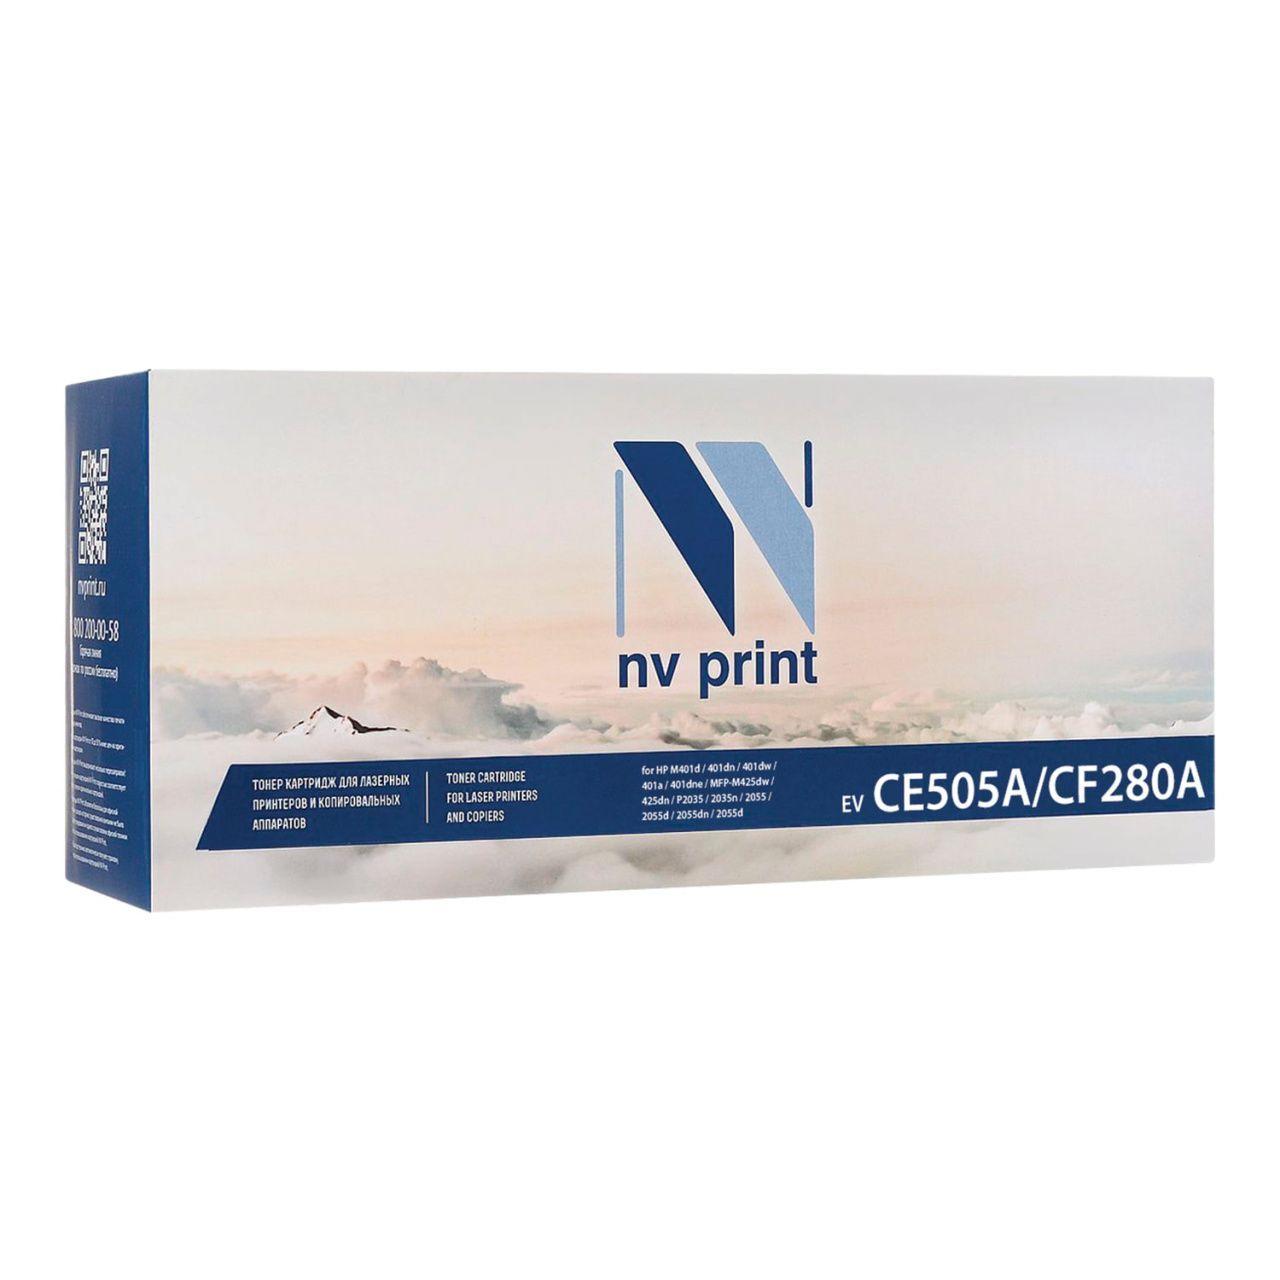 Тонер-картридж NV Print (NV-CF280A/CE505A), черный, для лазерного принтера, совместимый